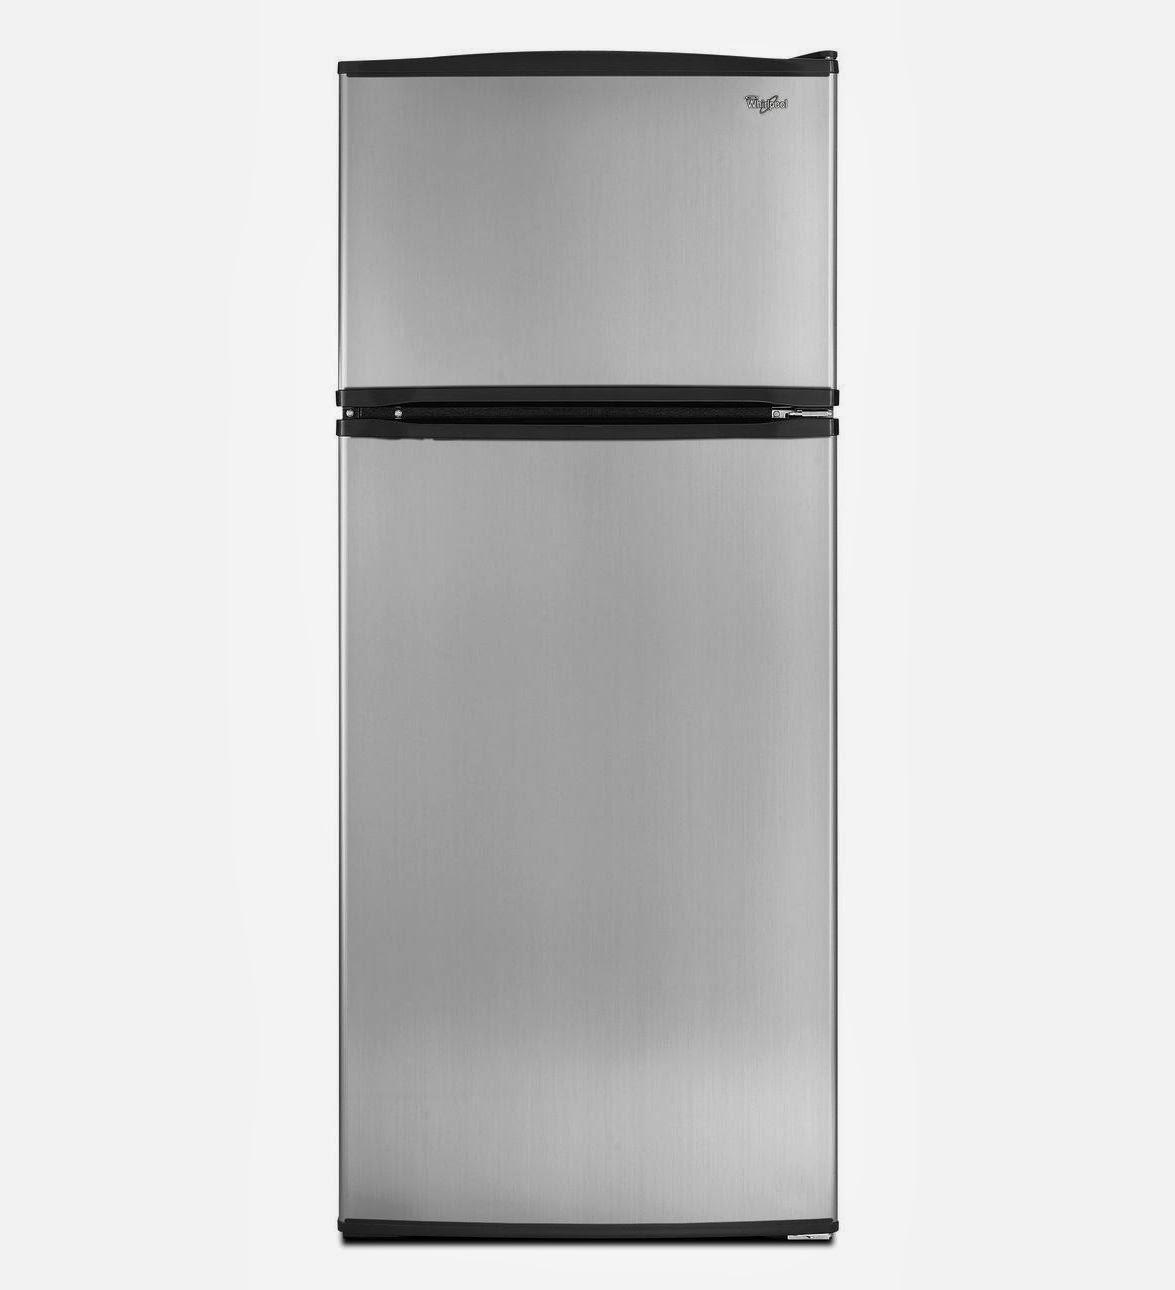 Refrigerator brand w8rxngmws stainless steel top freezer refrigerator